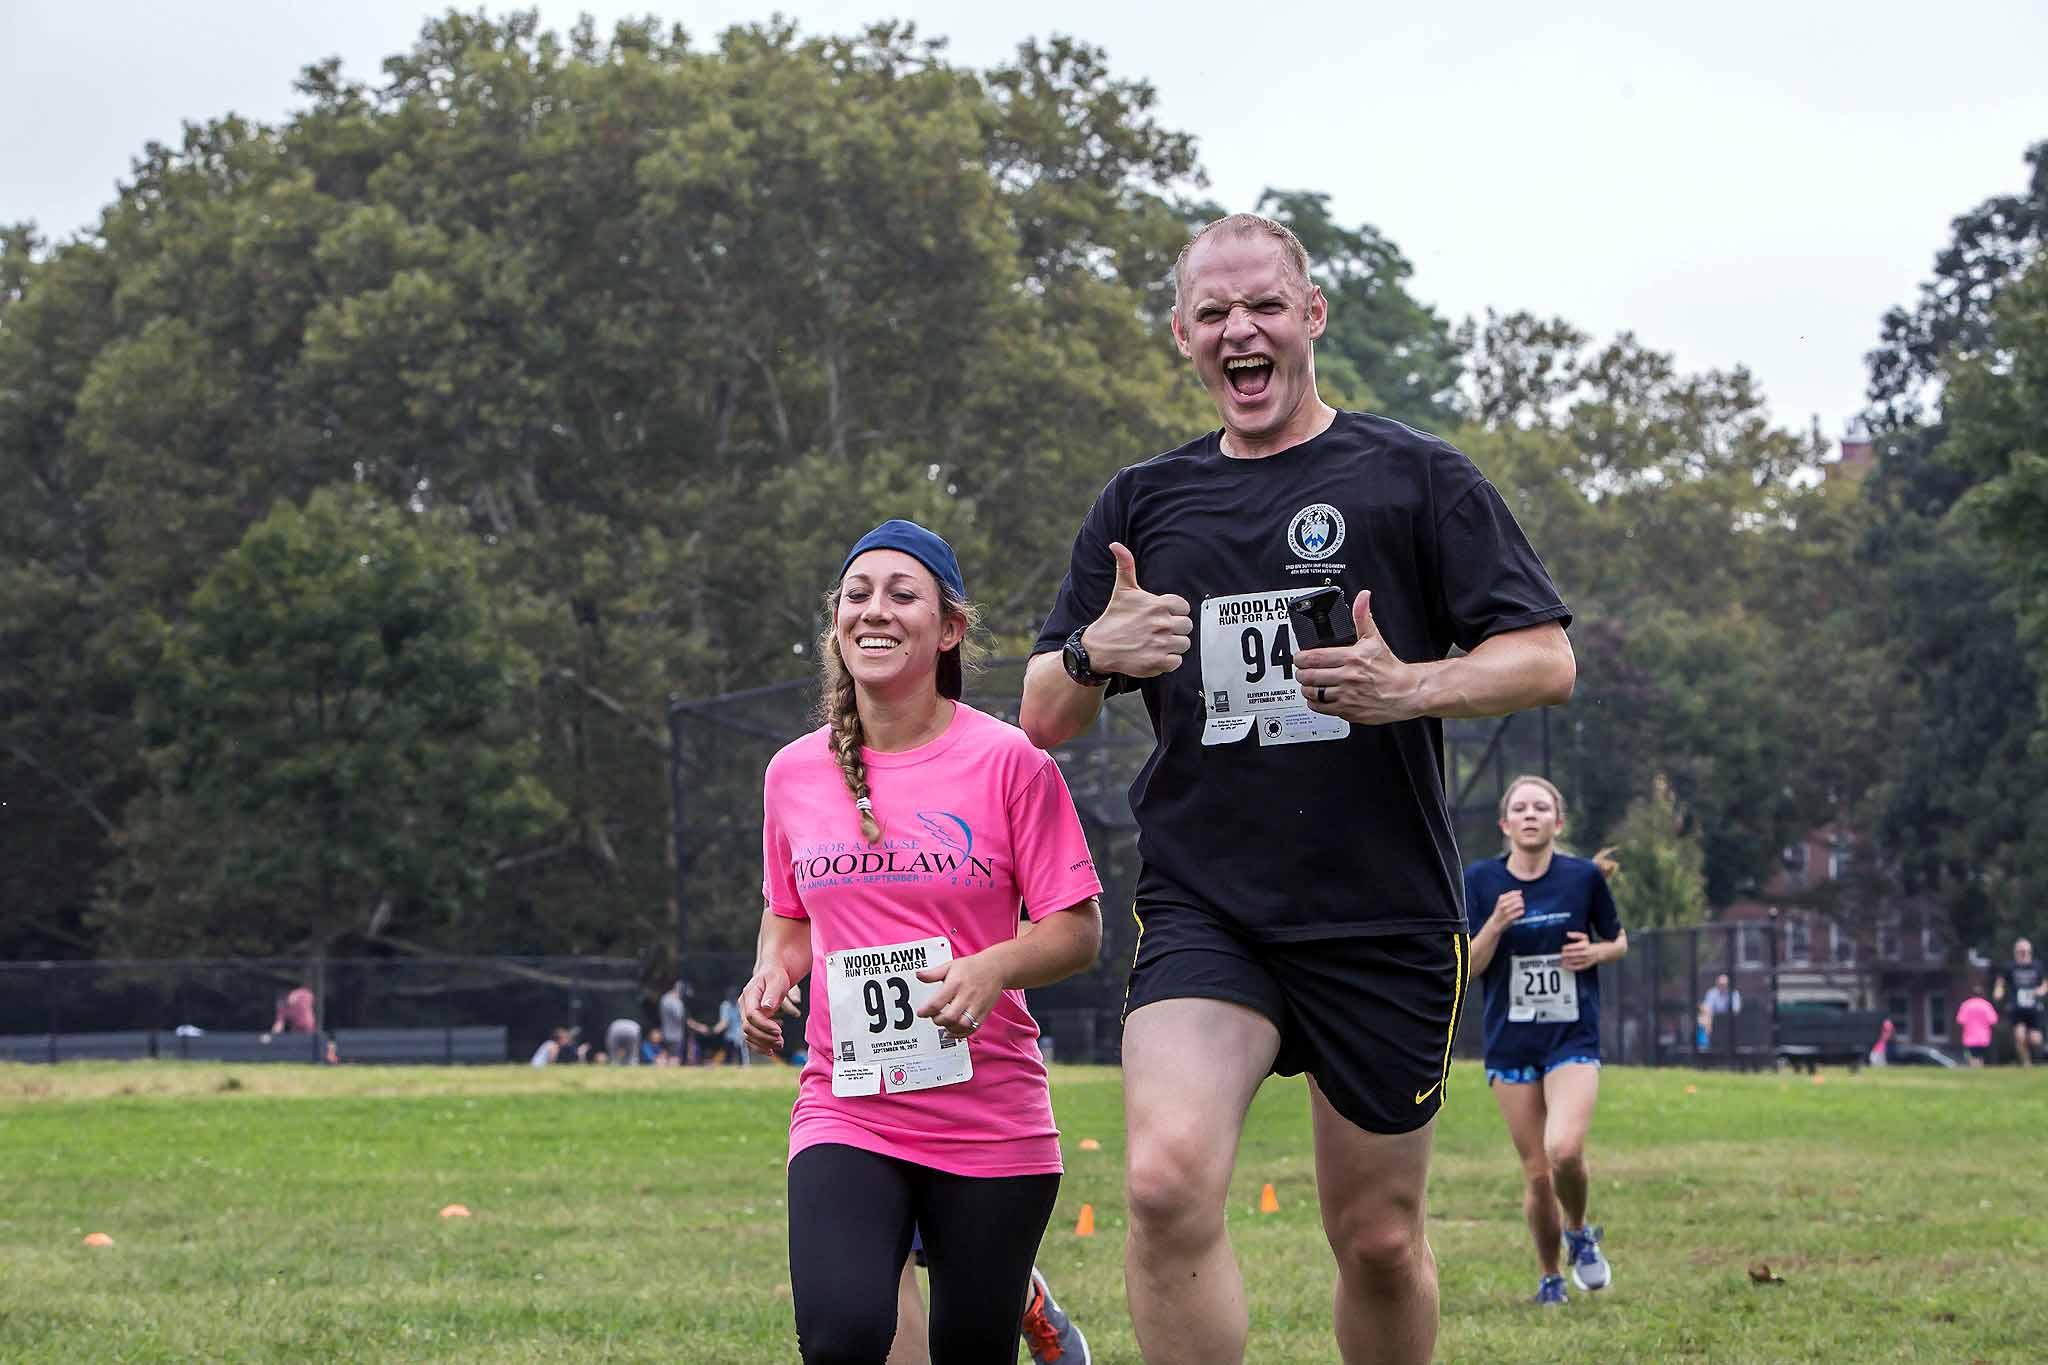 122-Woodlawn Run for a Cause-302.jpg